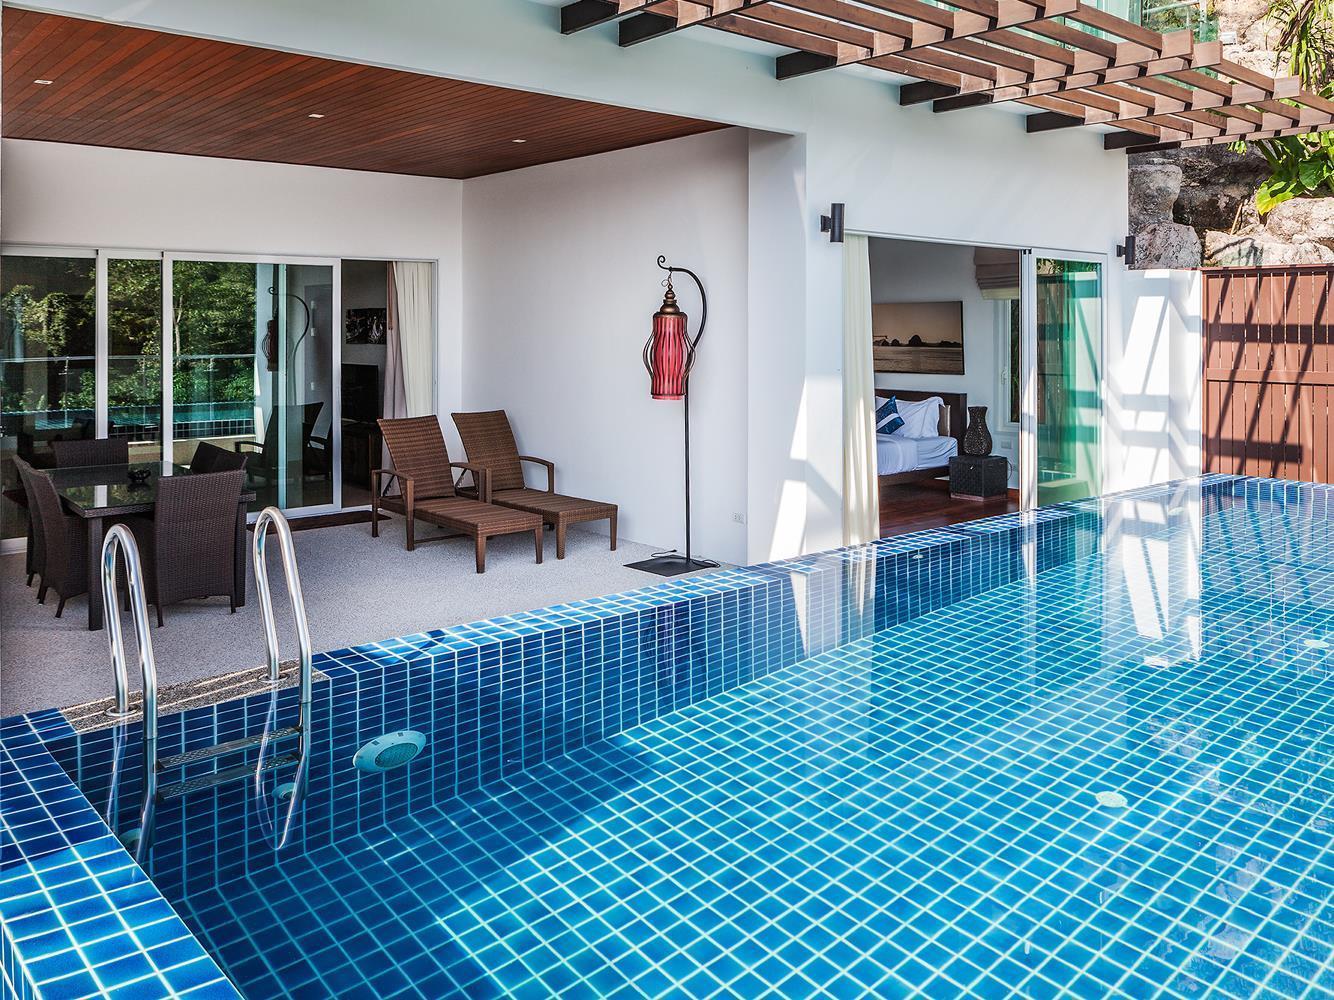 Hotell Kamala Falls Serviced Apartment and Residence i Kamala, Phuket. Klicka för att läsa mer och skicka bokningsförfrågan